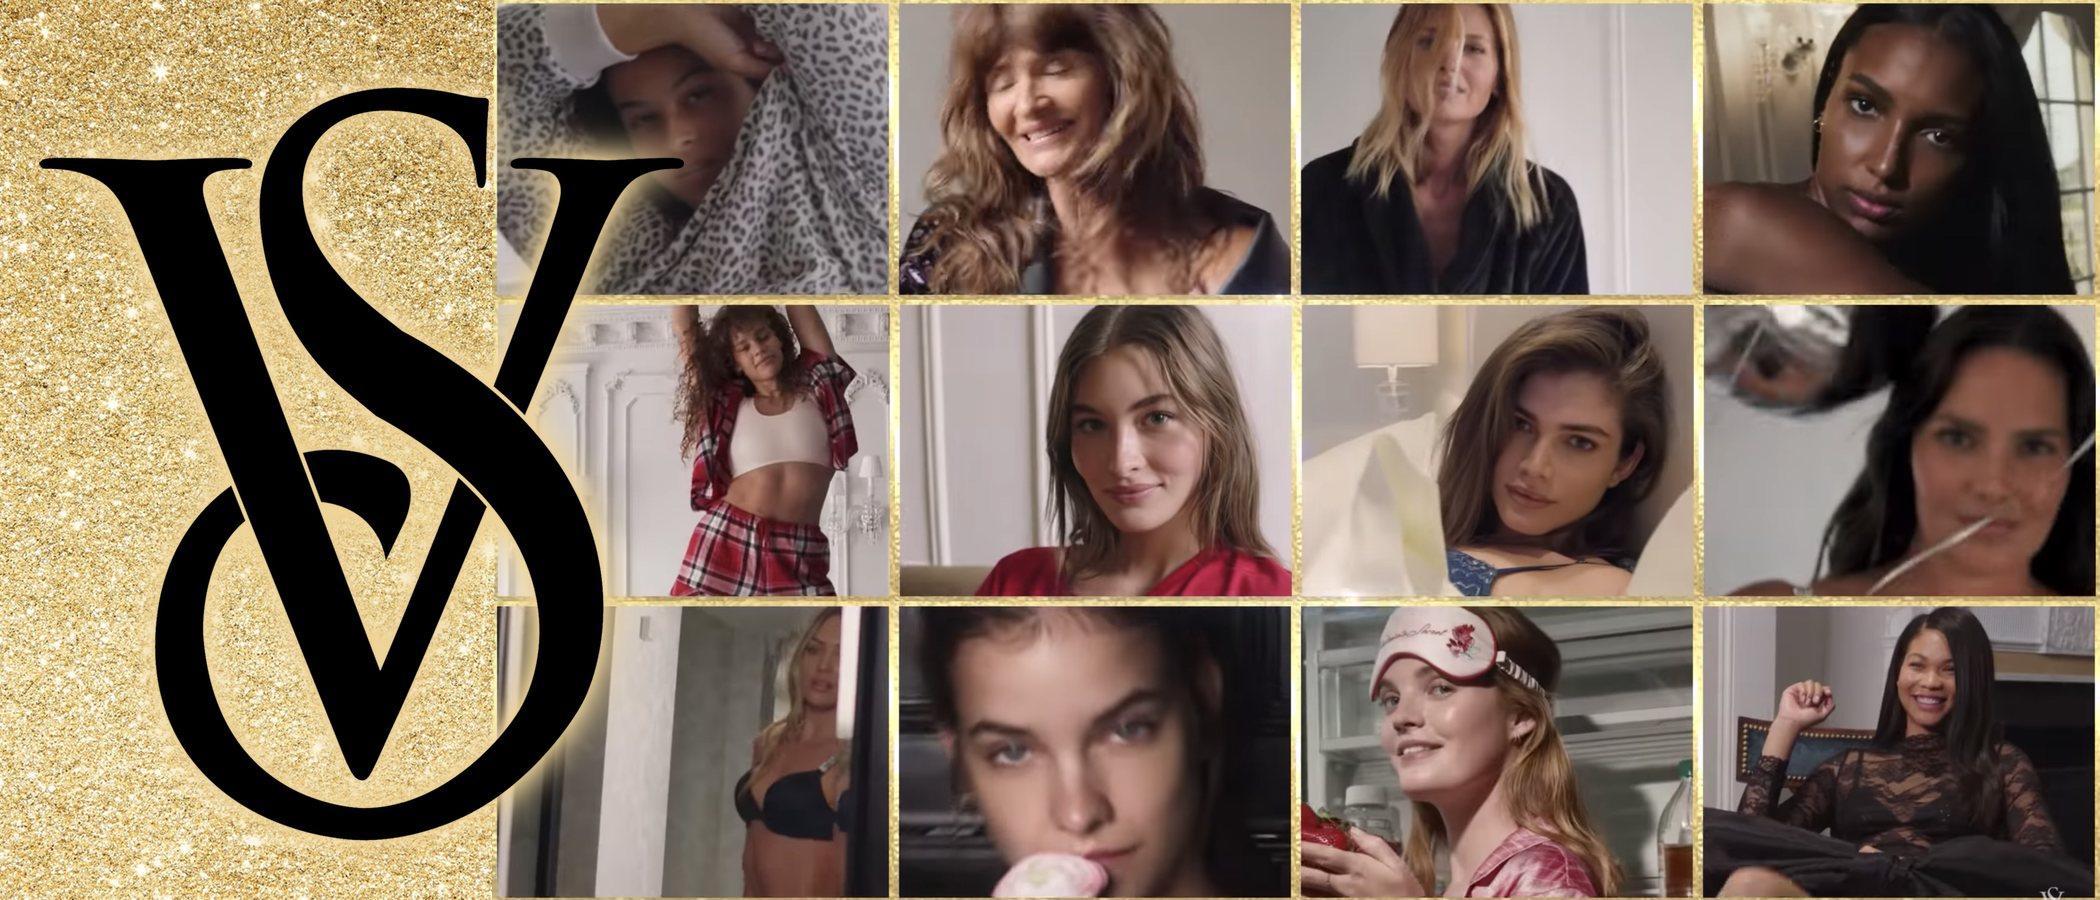 Victoria's Secret presenta su campaña navideña más inclusiva y con el regreso de antiguos ángeles